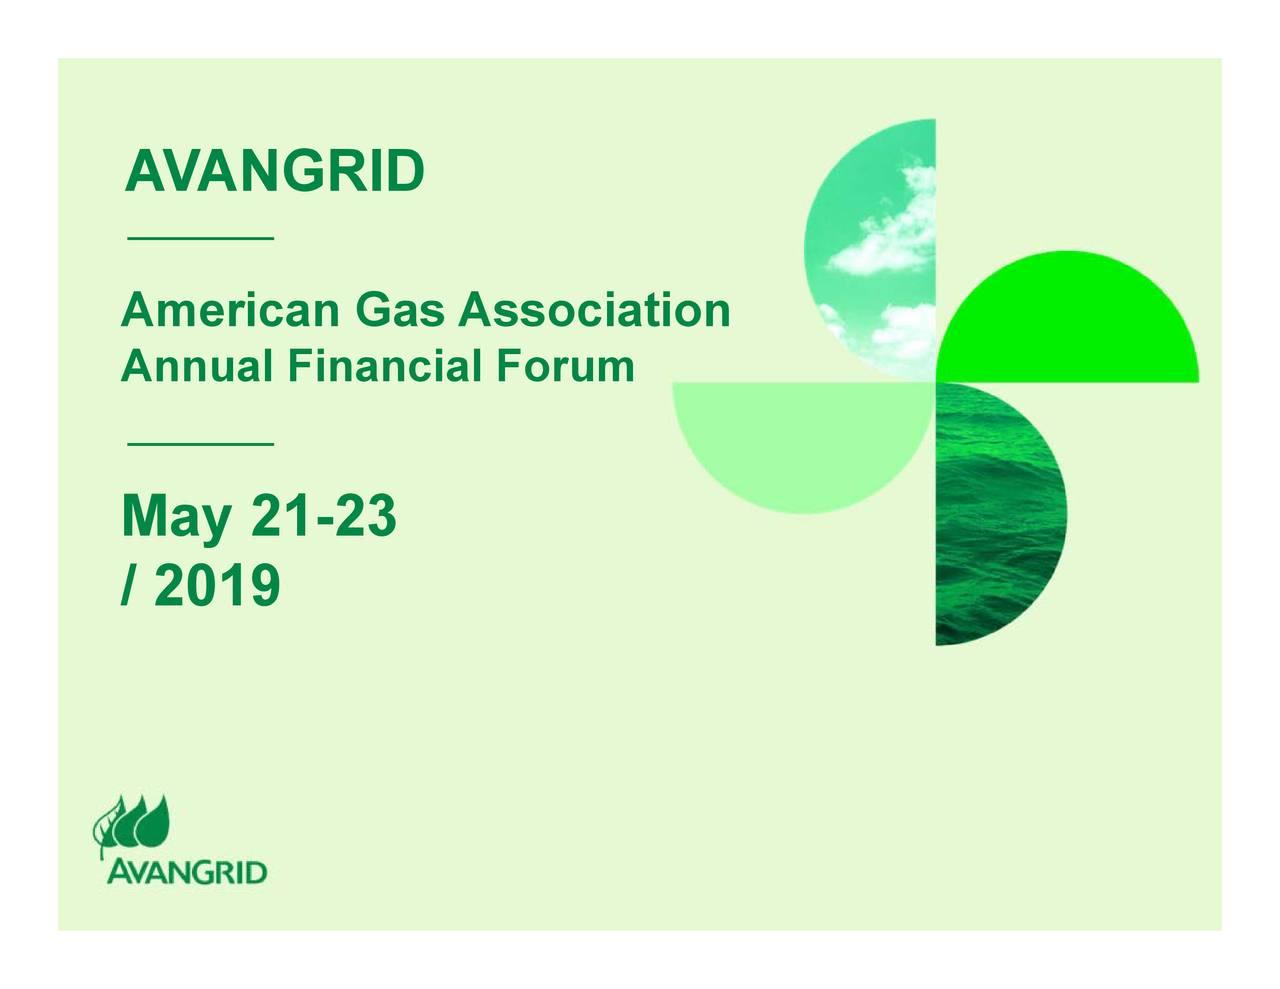 Avangrid (AGR) Presents At AGA Financial Forum 2019